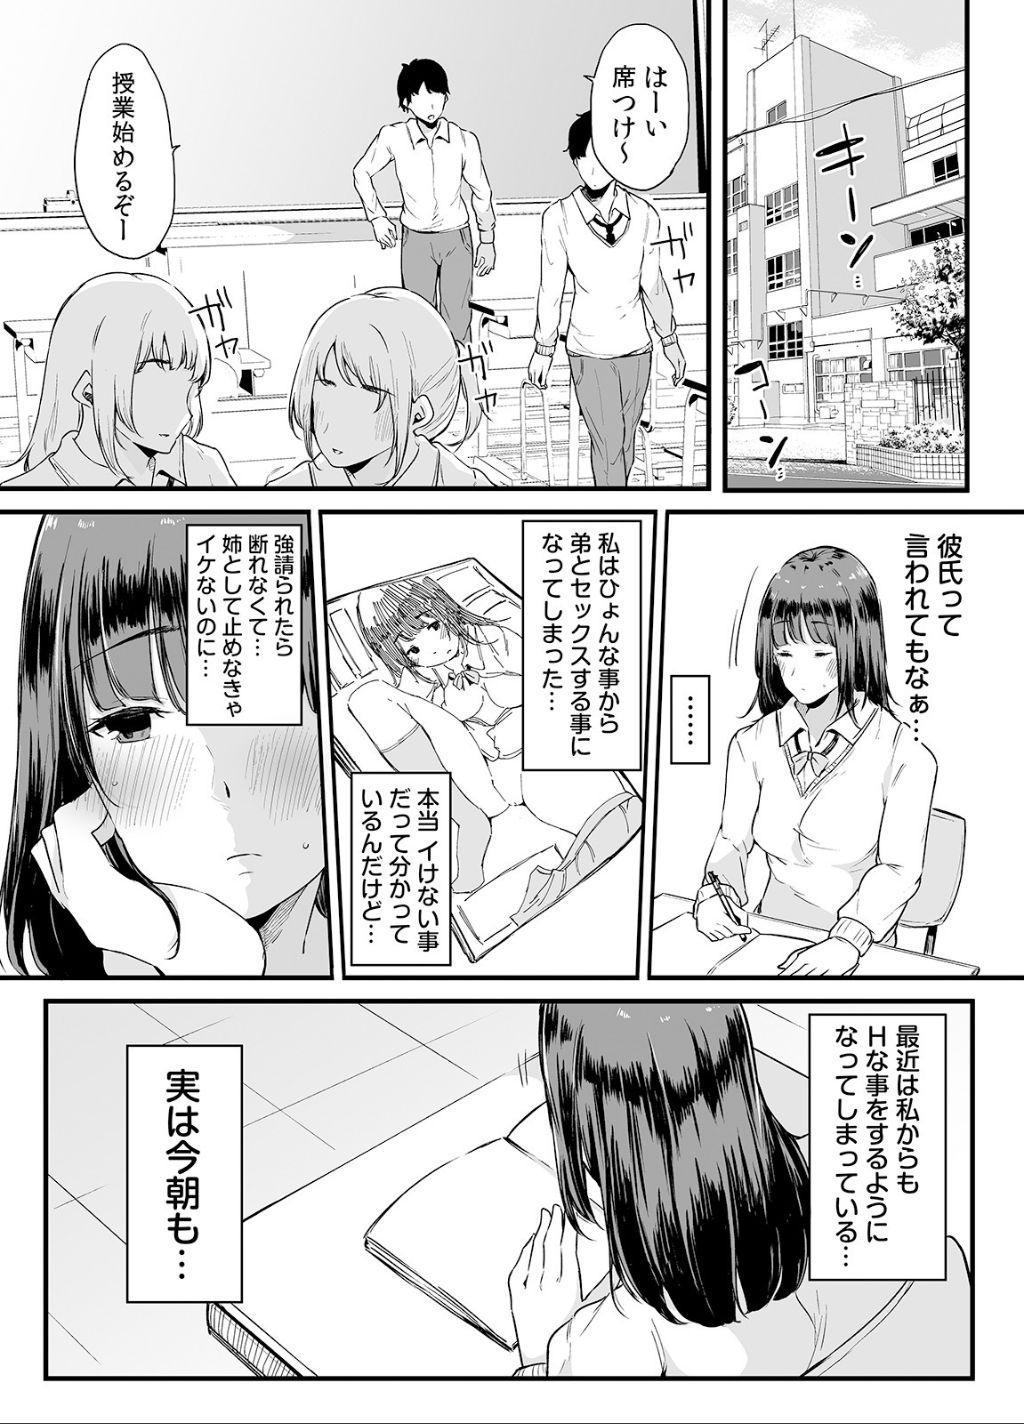 Otouto ni Ero Manga to Onaji Koto o Sare Chau o Nee-chan no Hanashi 2 56